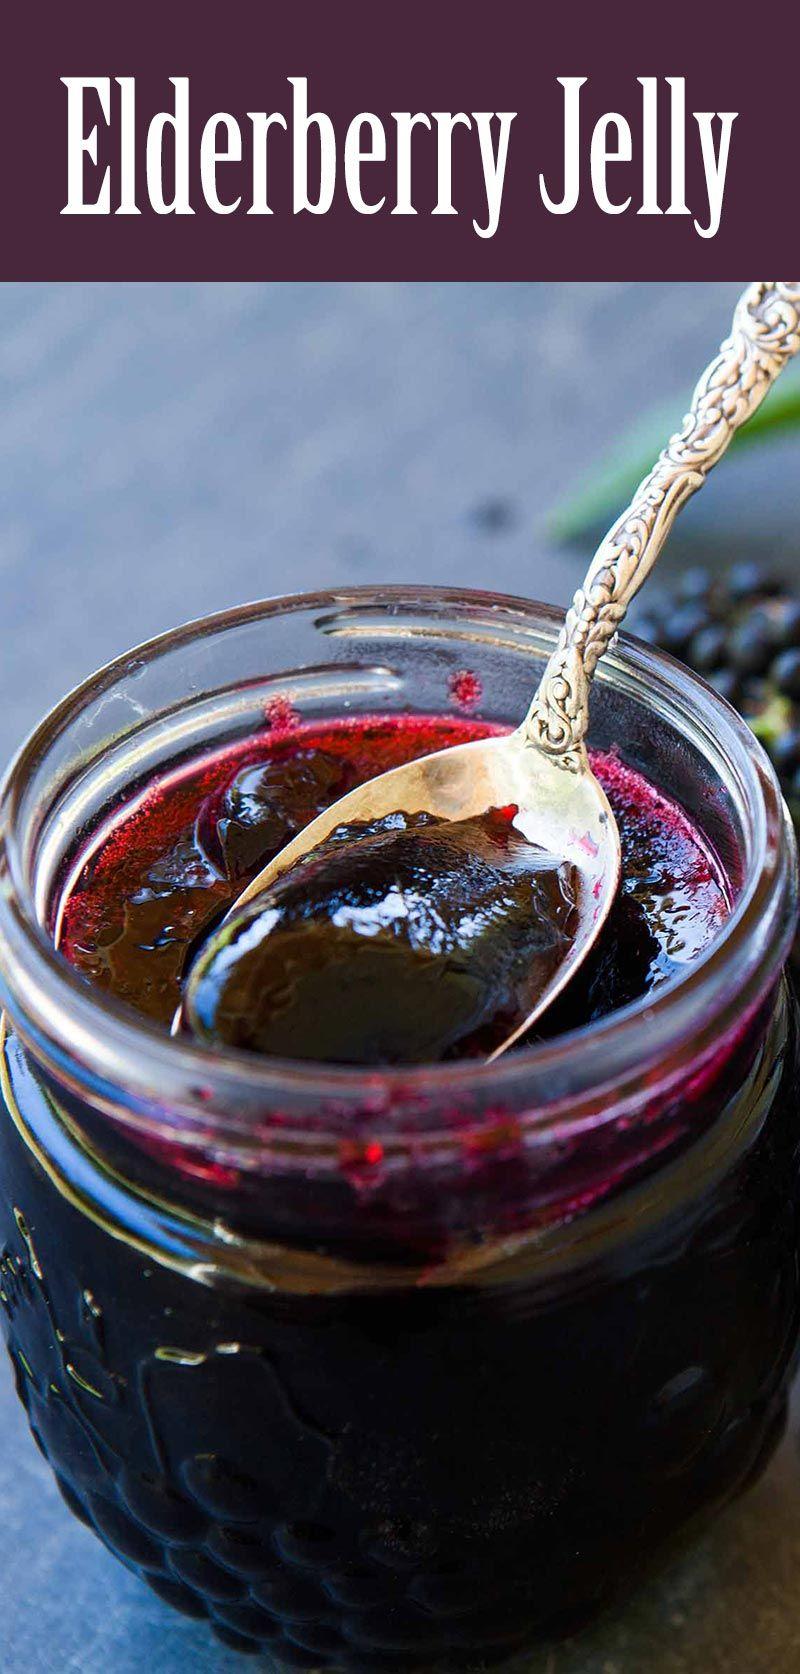 Elderberry Jelly | Recipe in 2019 | Elderberry jelly ...